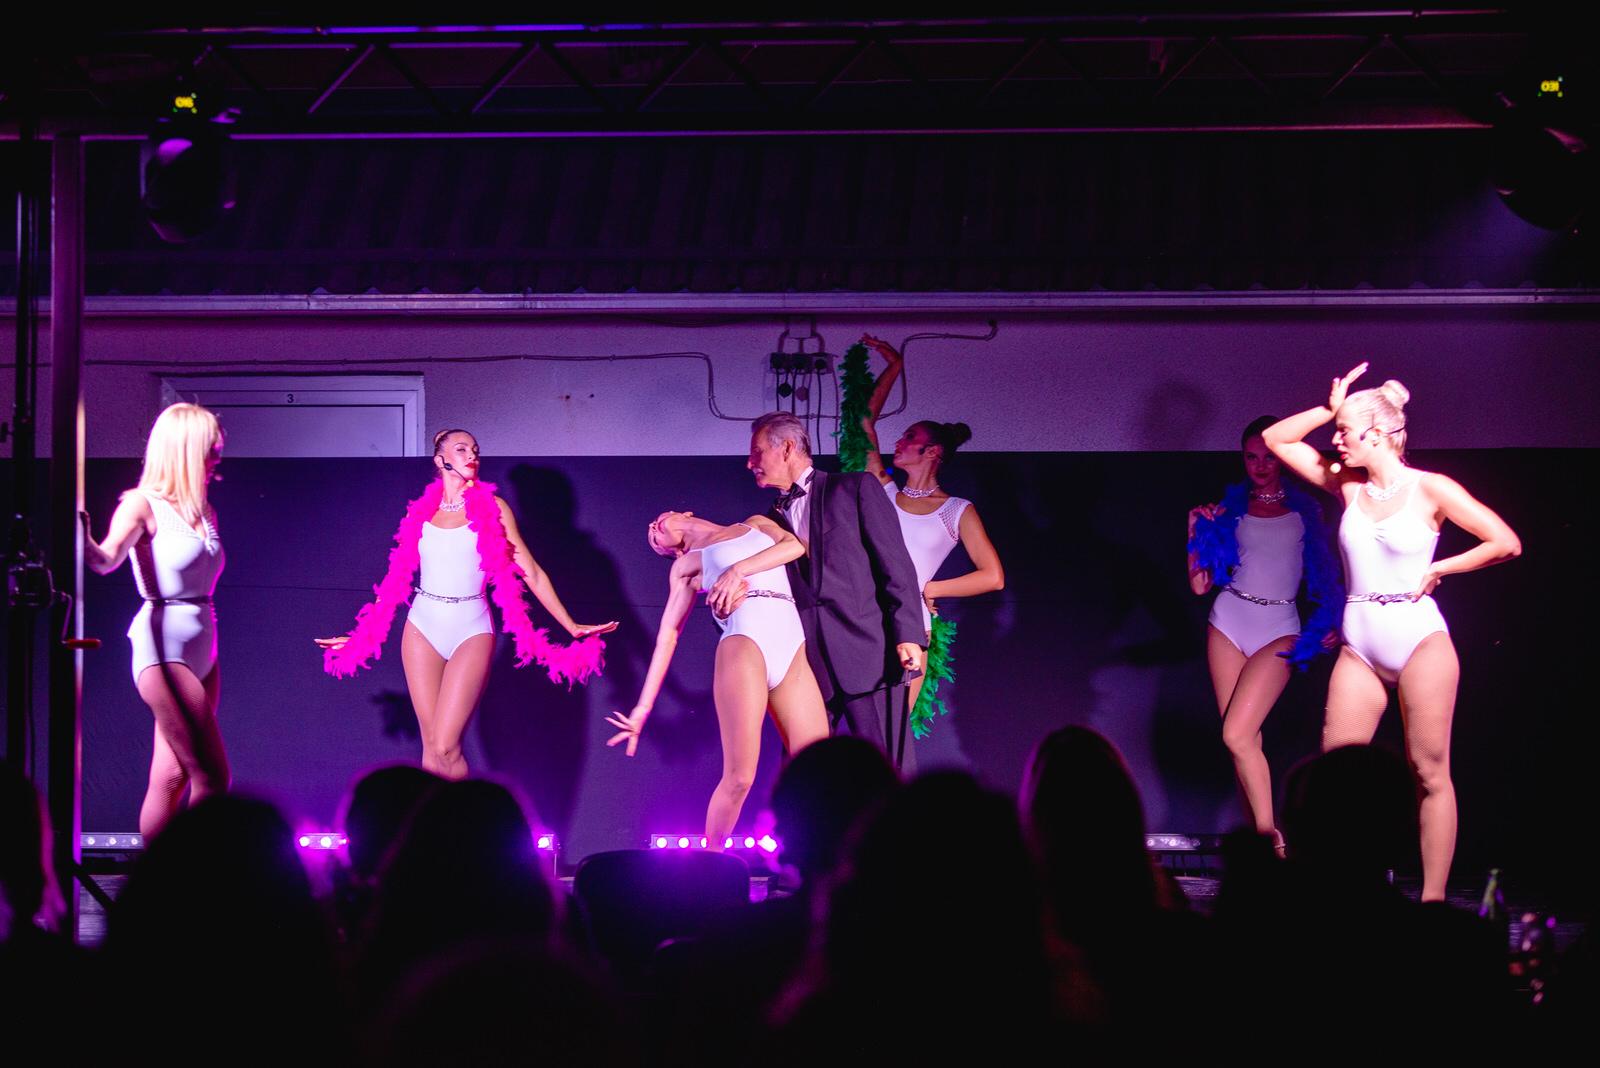 likaclub_gug_mila show i gosti_27_7_2020 (48)